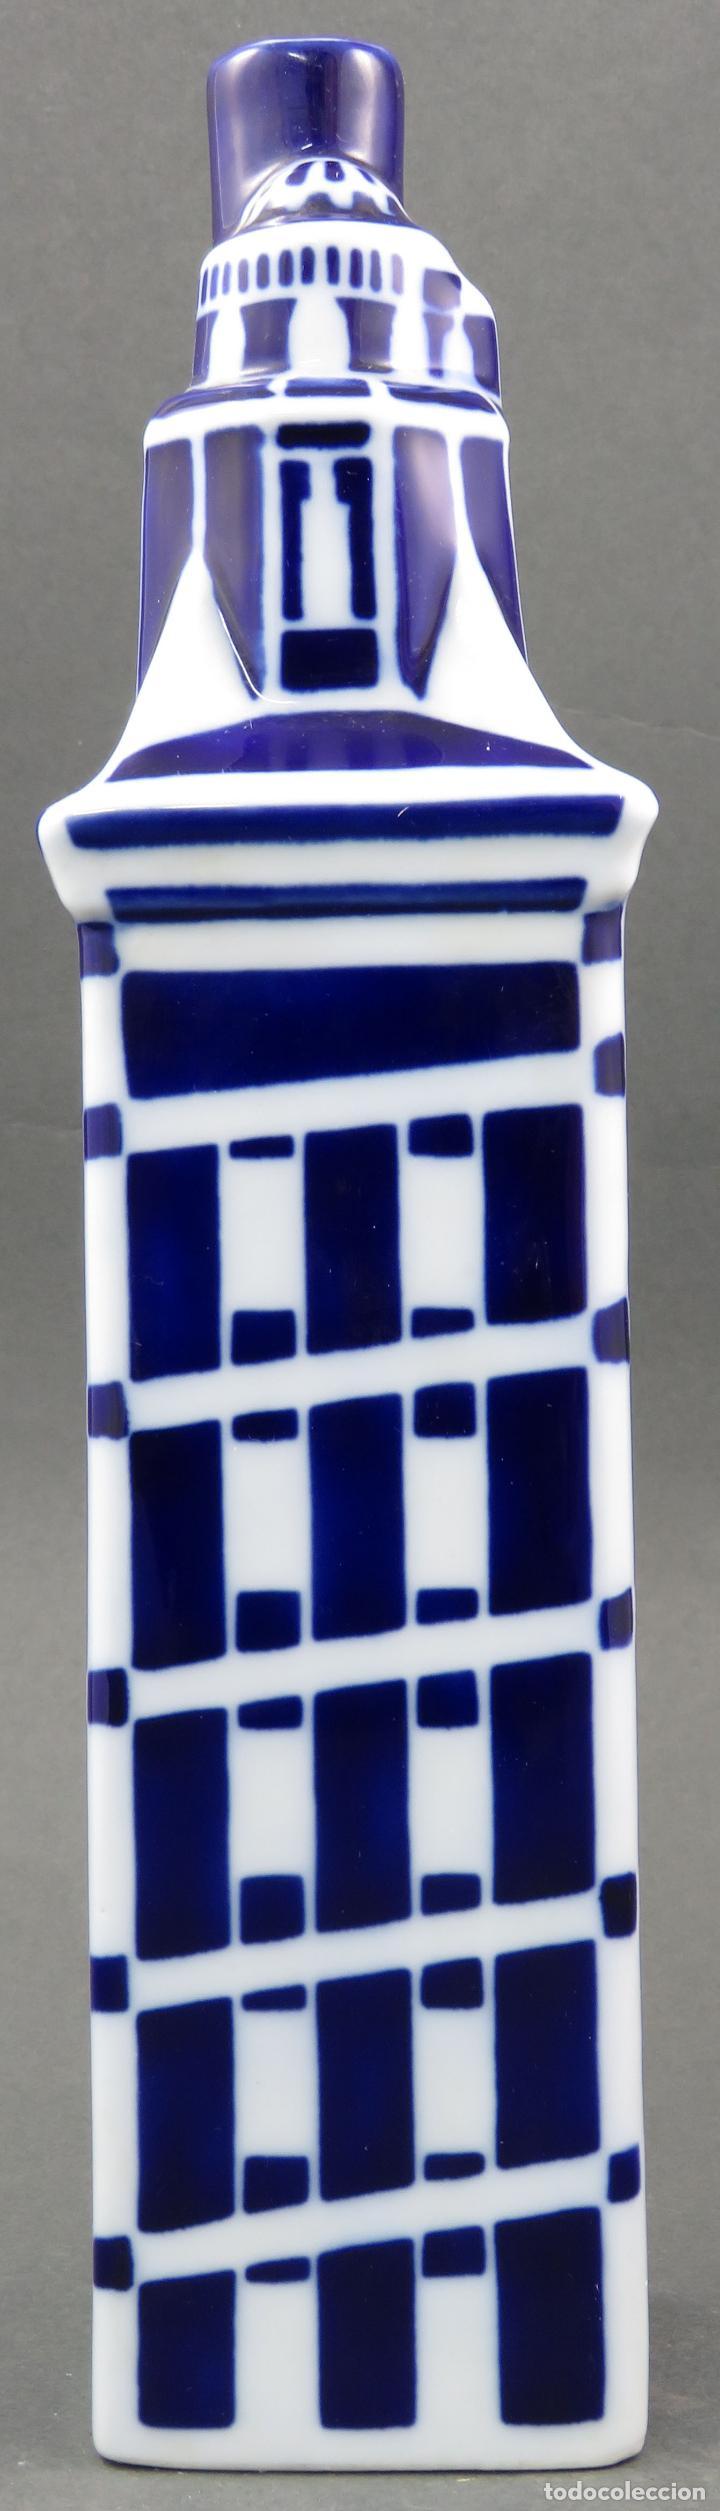 Antigüedades: Botella Torre de Hercules en cerámica Castro Sargadelos siglo XX - Foto 2 - 144074990